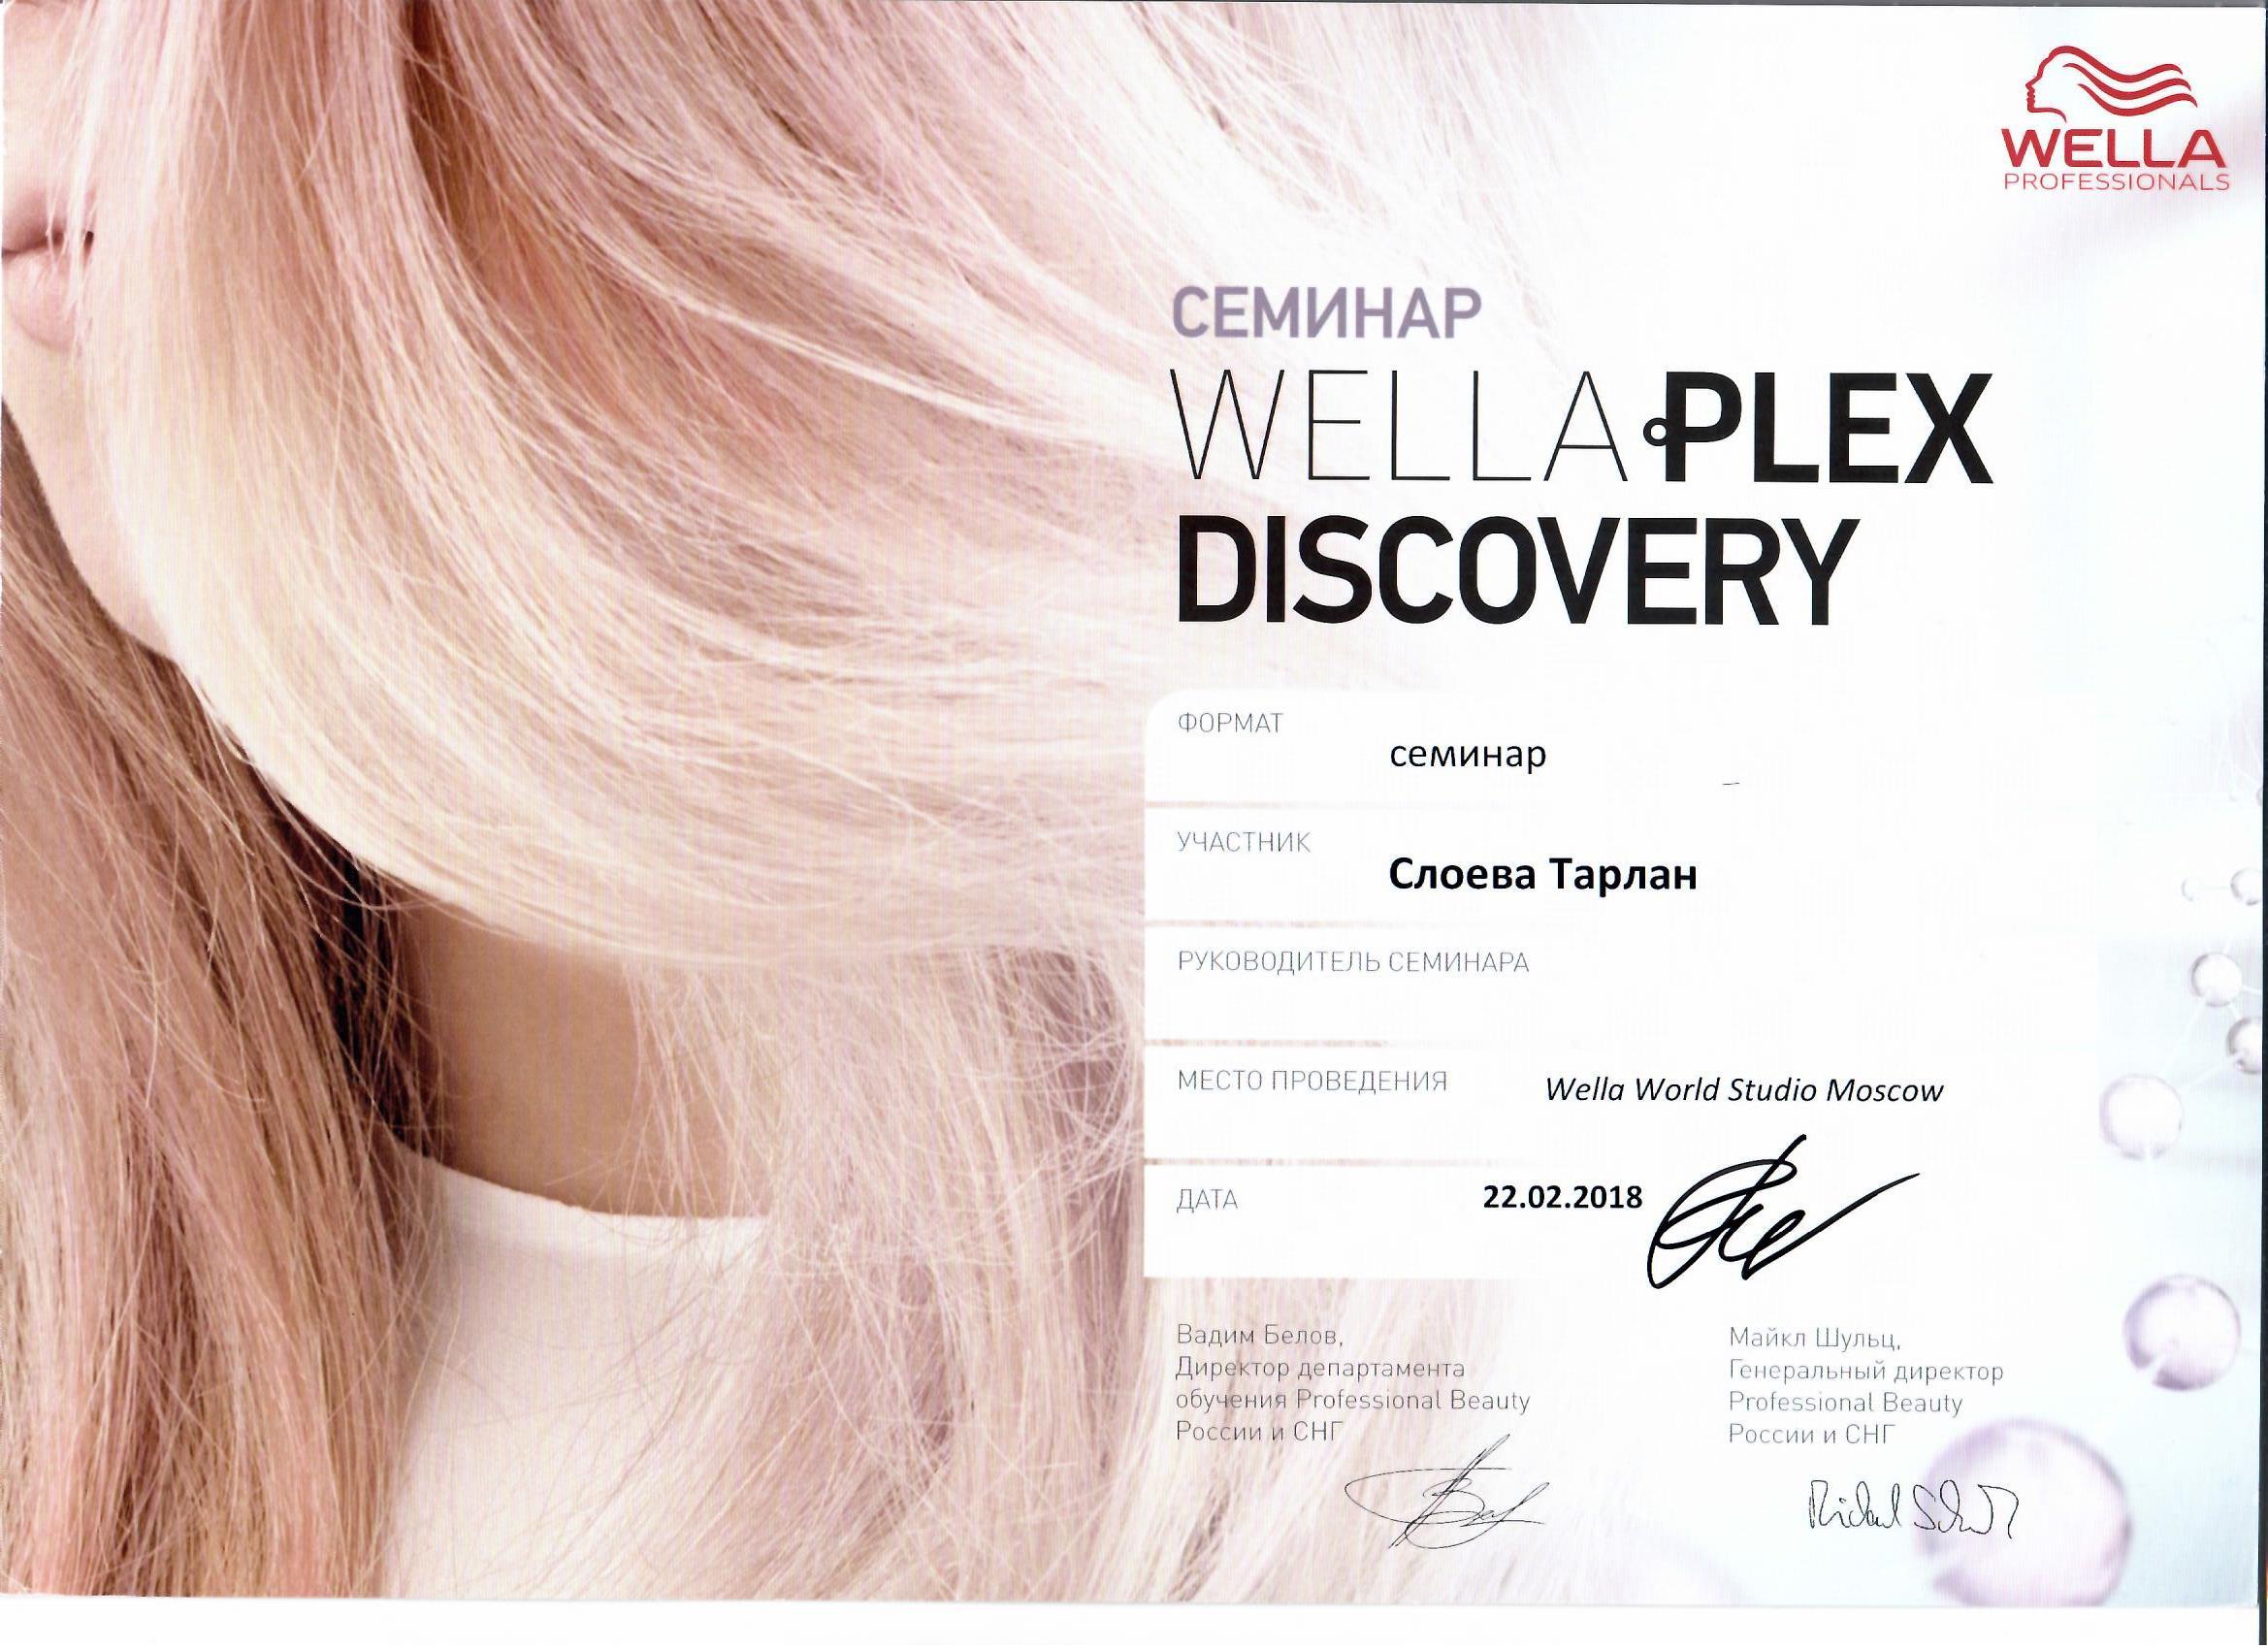 2018 wellaplex discovery